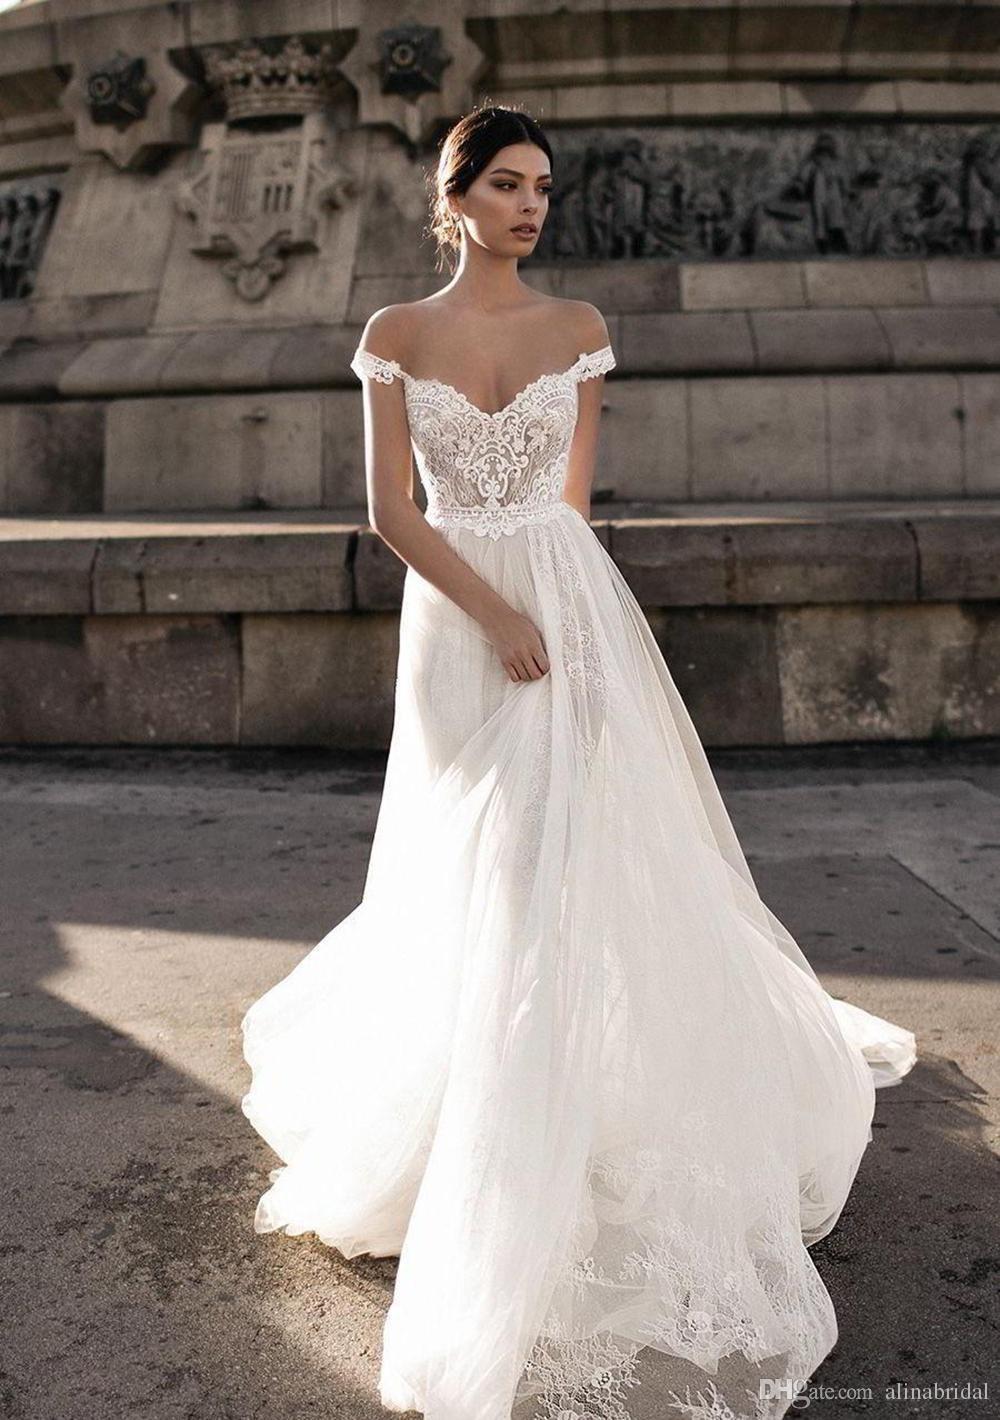 10 Cool Elegante Brautkleider für 2019Designer Schön Elegante Brautkleider Ärmel